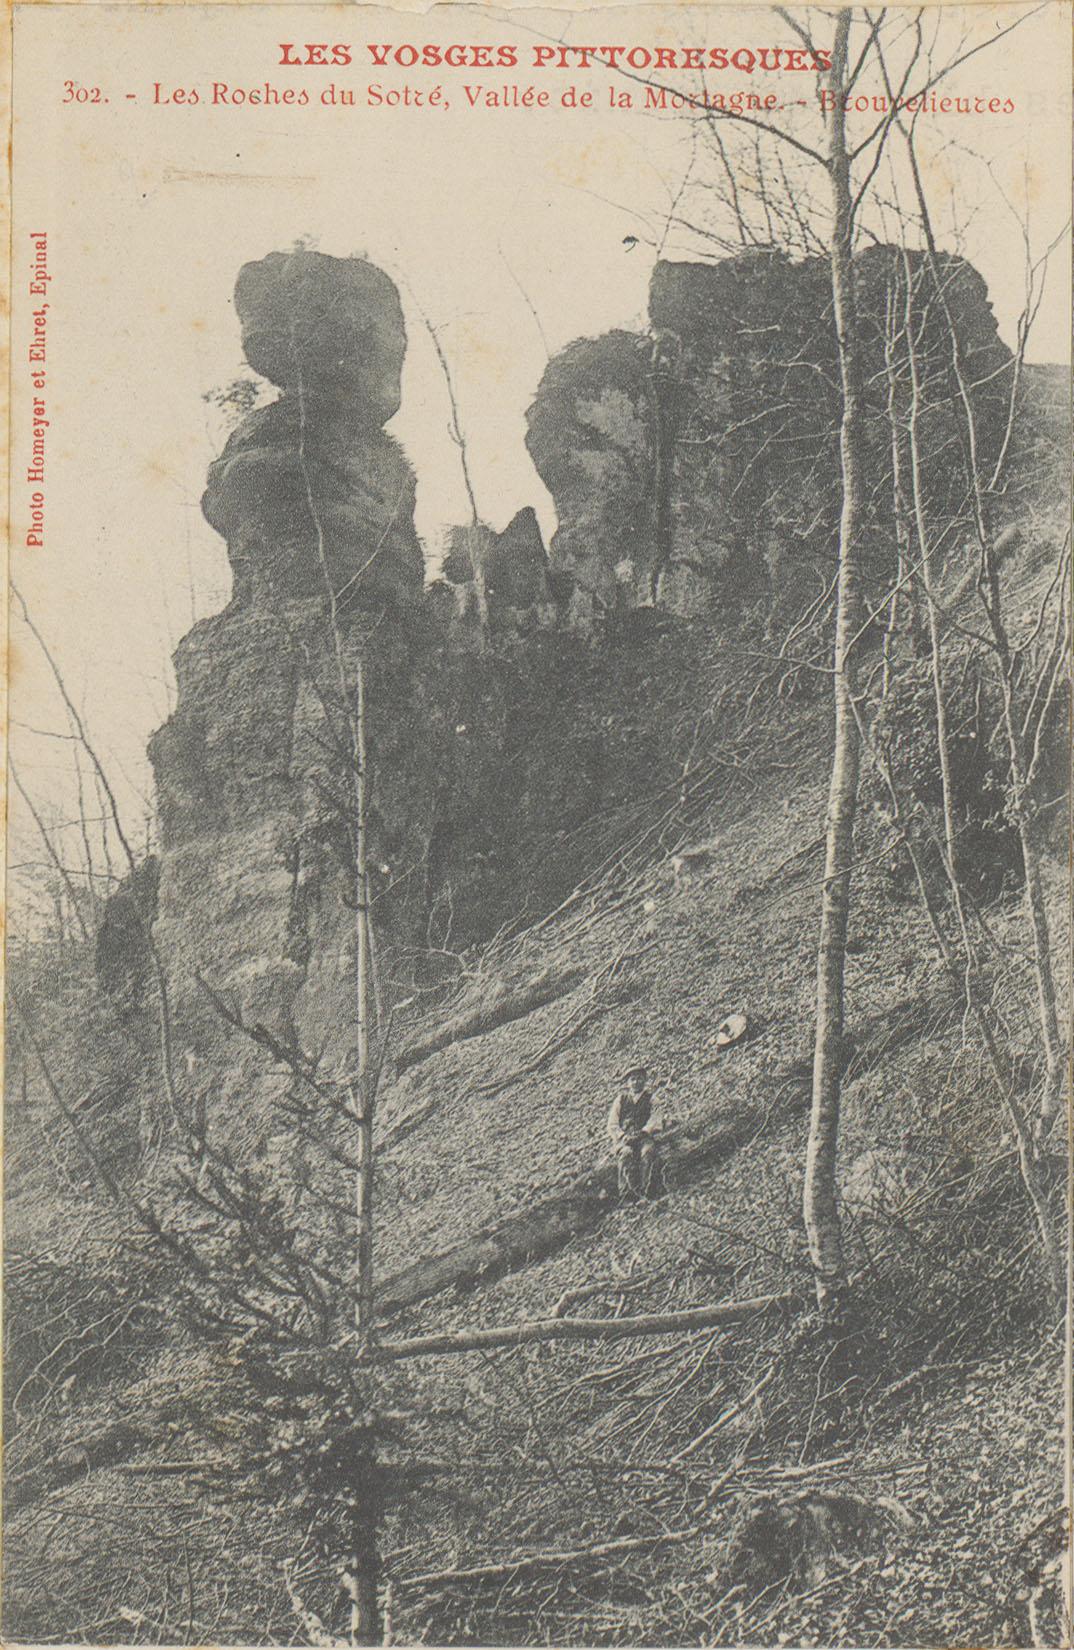 Contenu du Les Roches du Sotré, Vallée de la Mortagne, Brouvelieures